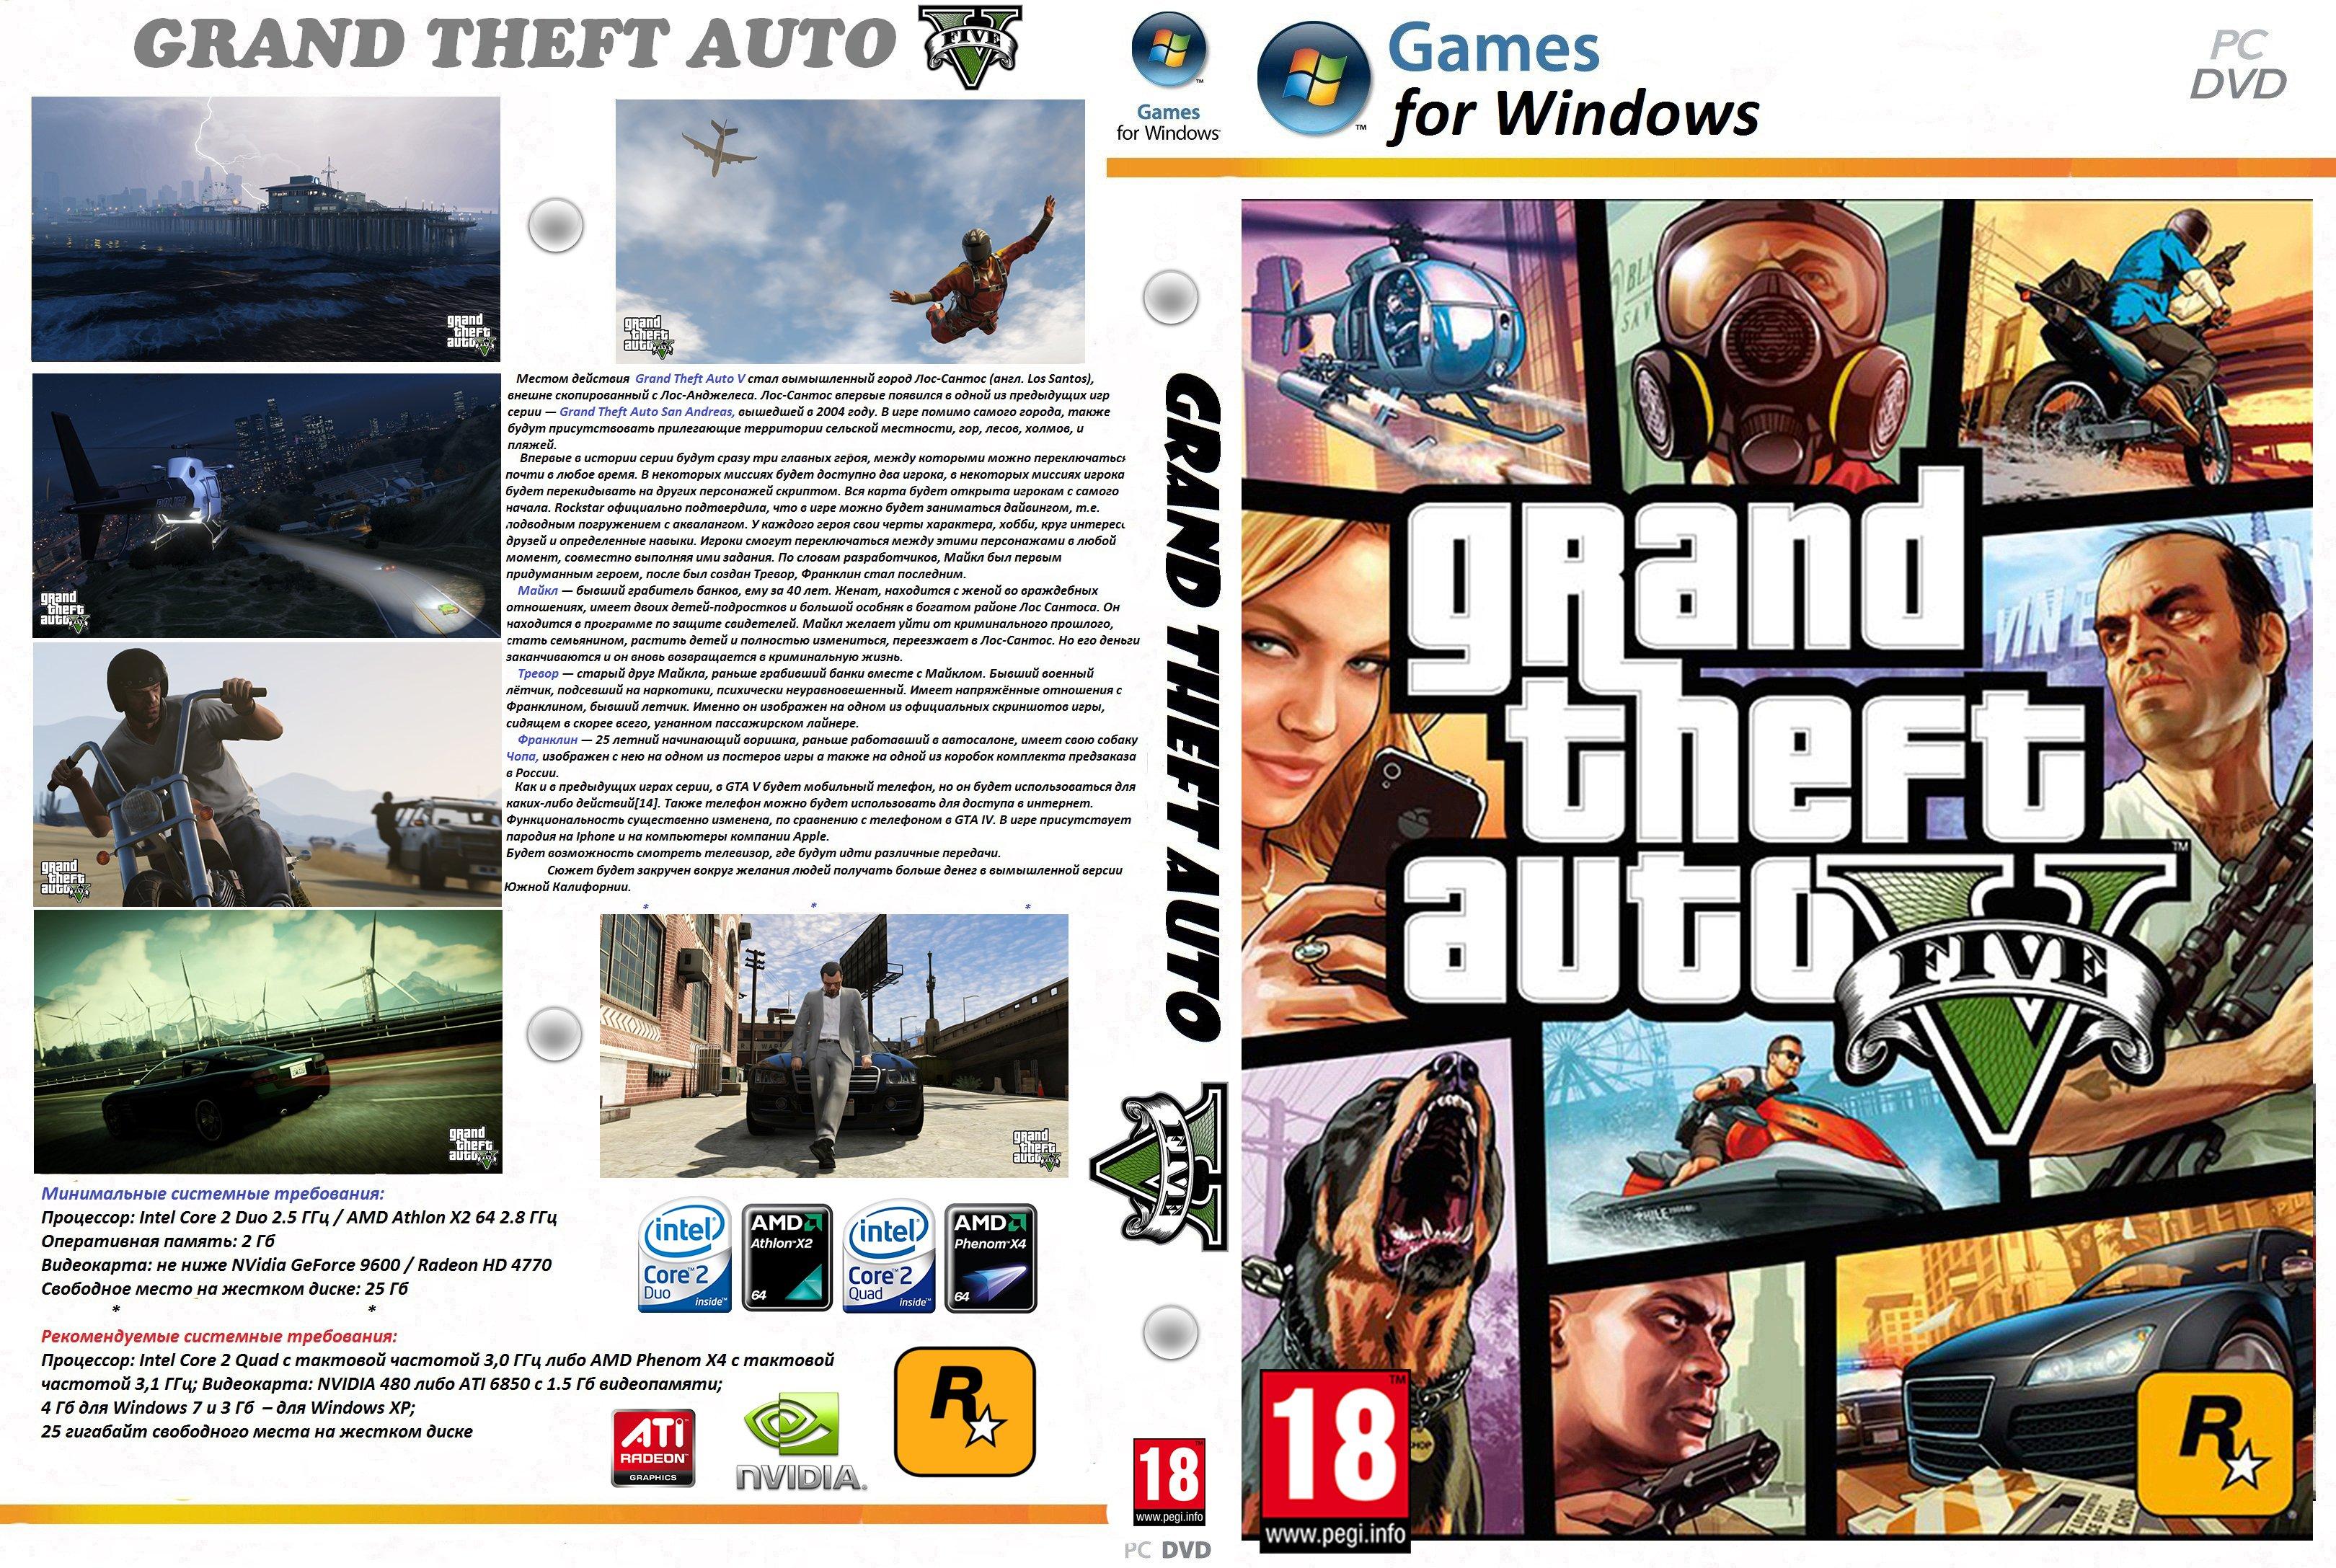 К пятилетнему юбилею GTA 4. Всем кому надо отмечаем и ждём 5тую часть.Увеличивая  обложку друзья увидите системные т ... - Изображение 1